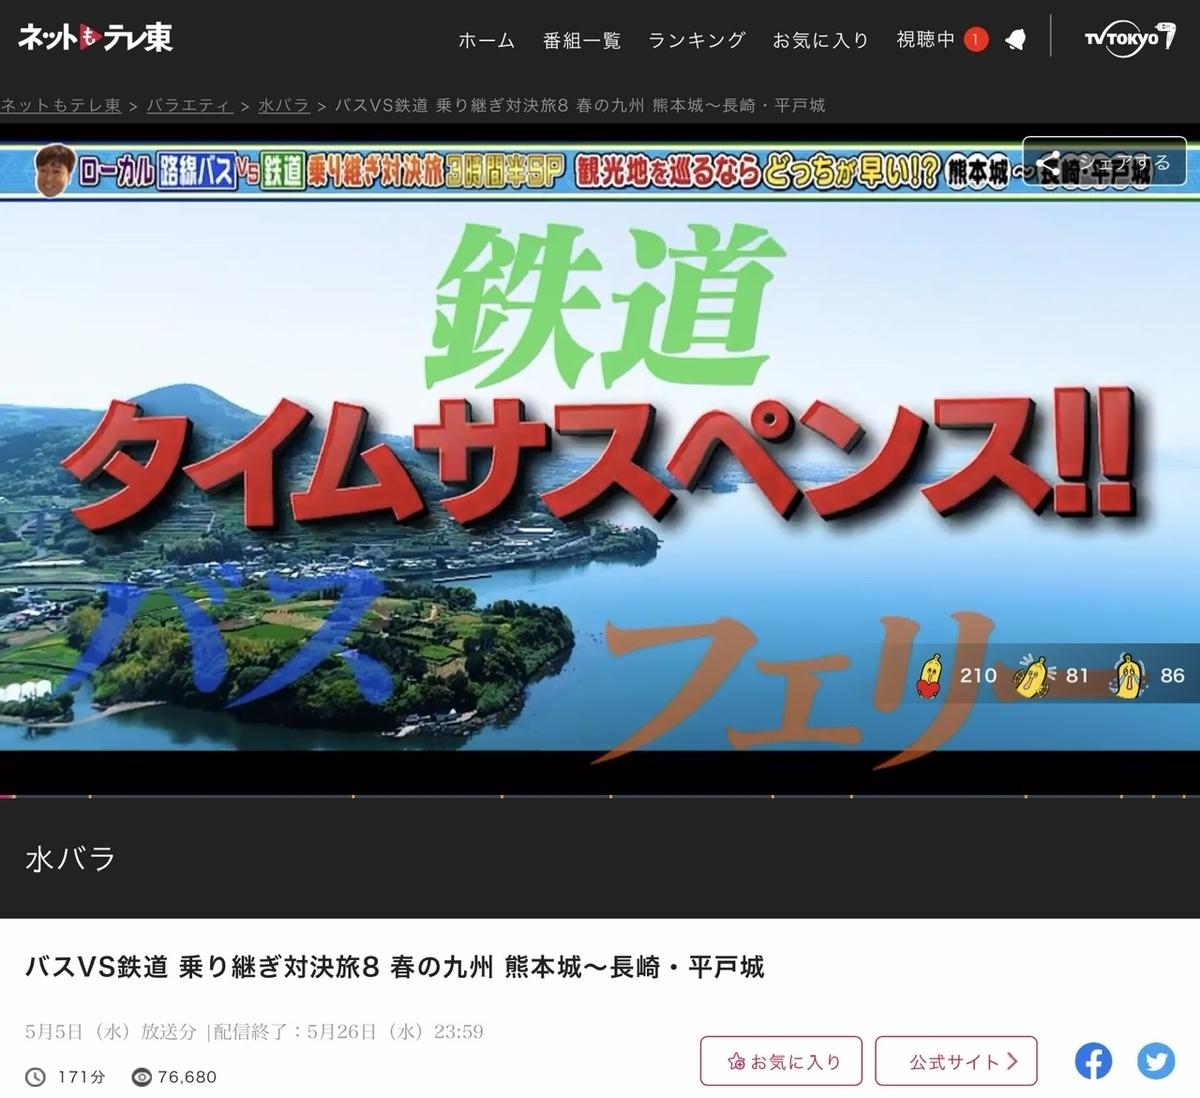 f:id:yujiro-1:20210508052314j:plain